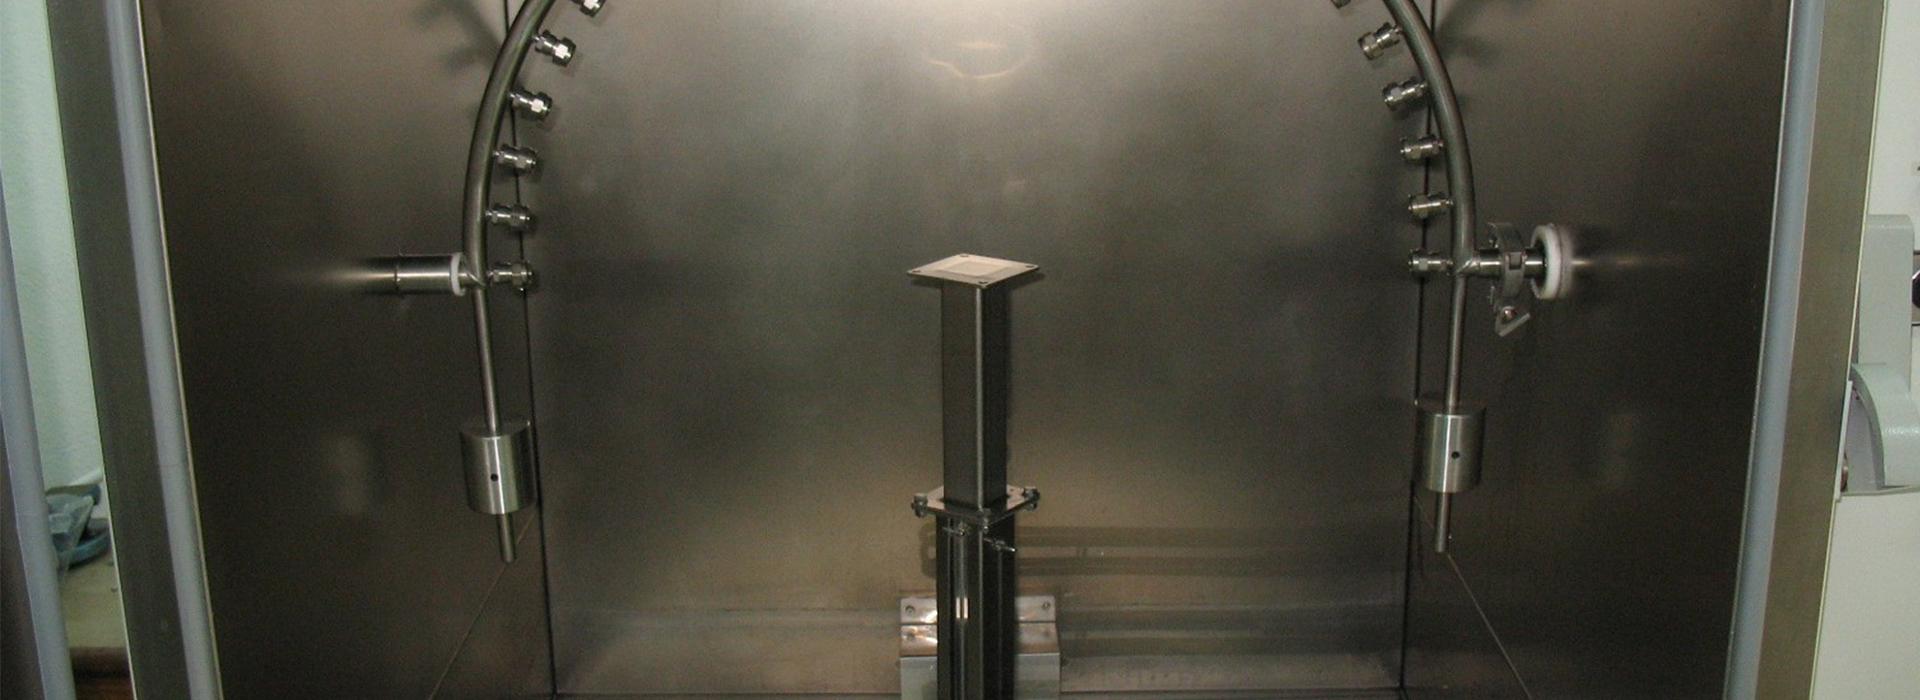 Защита устройств от пыли и влаги. Разбираемся в обозначениях IP стандарта / Блог компании Madrobots / Хабр